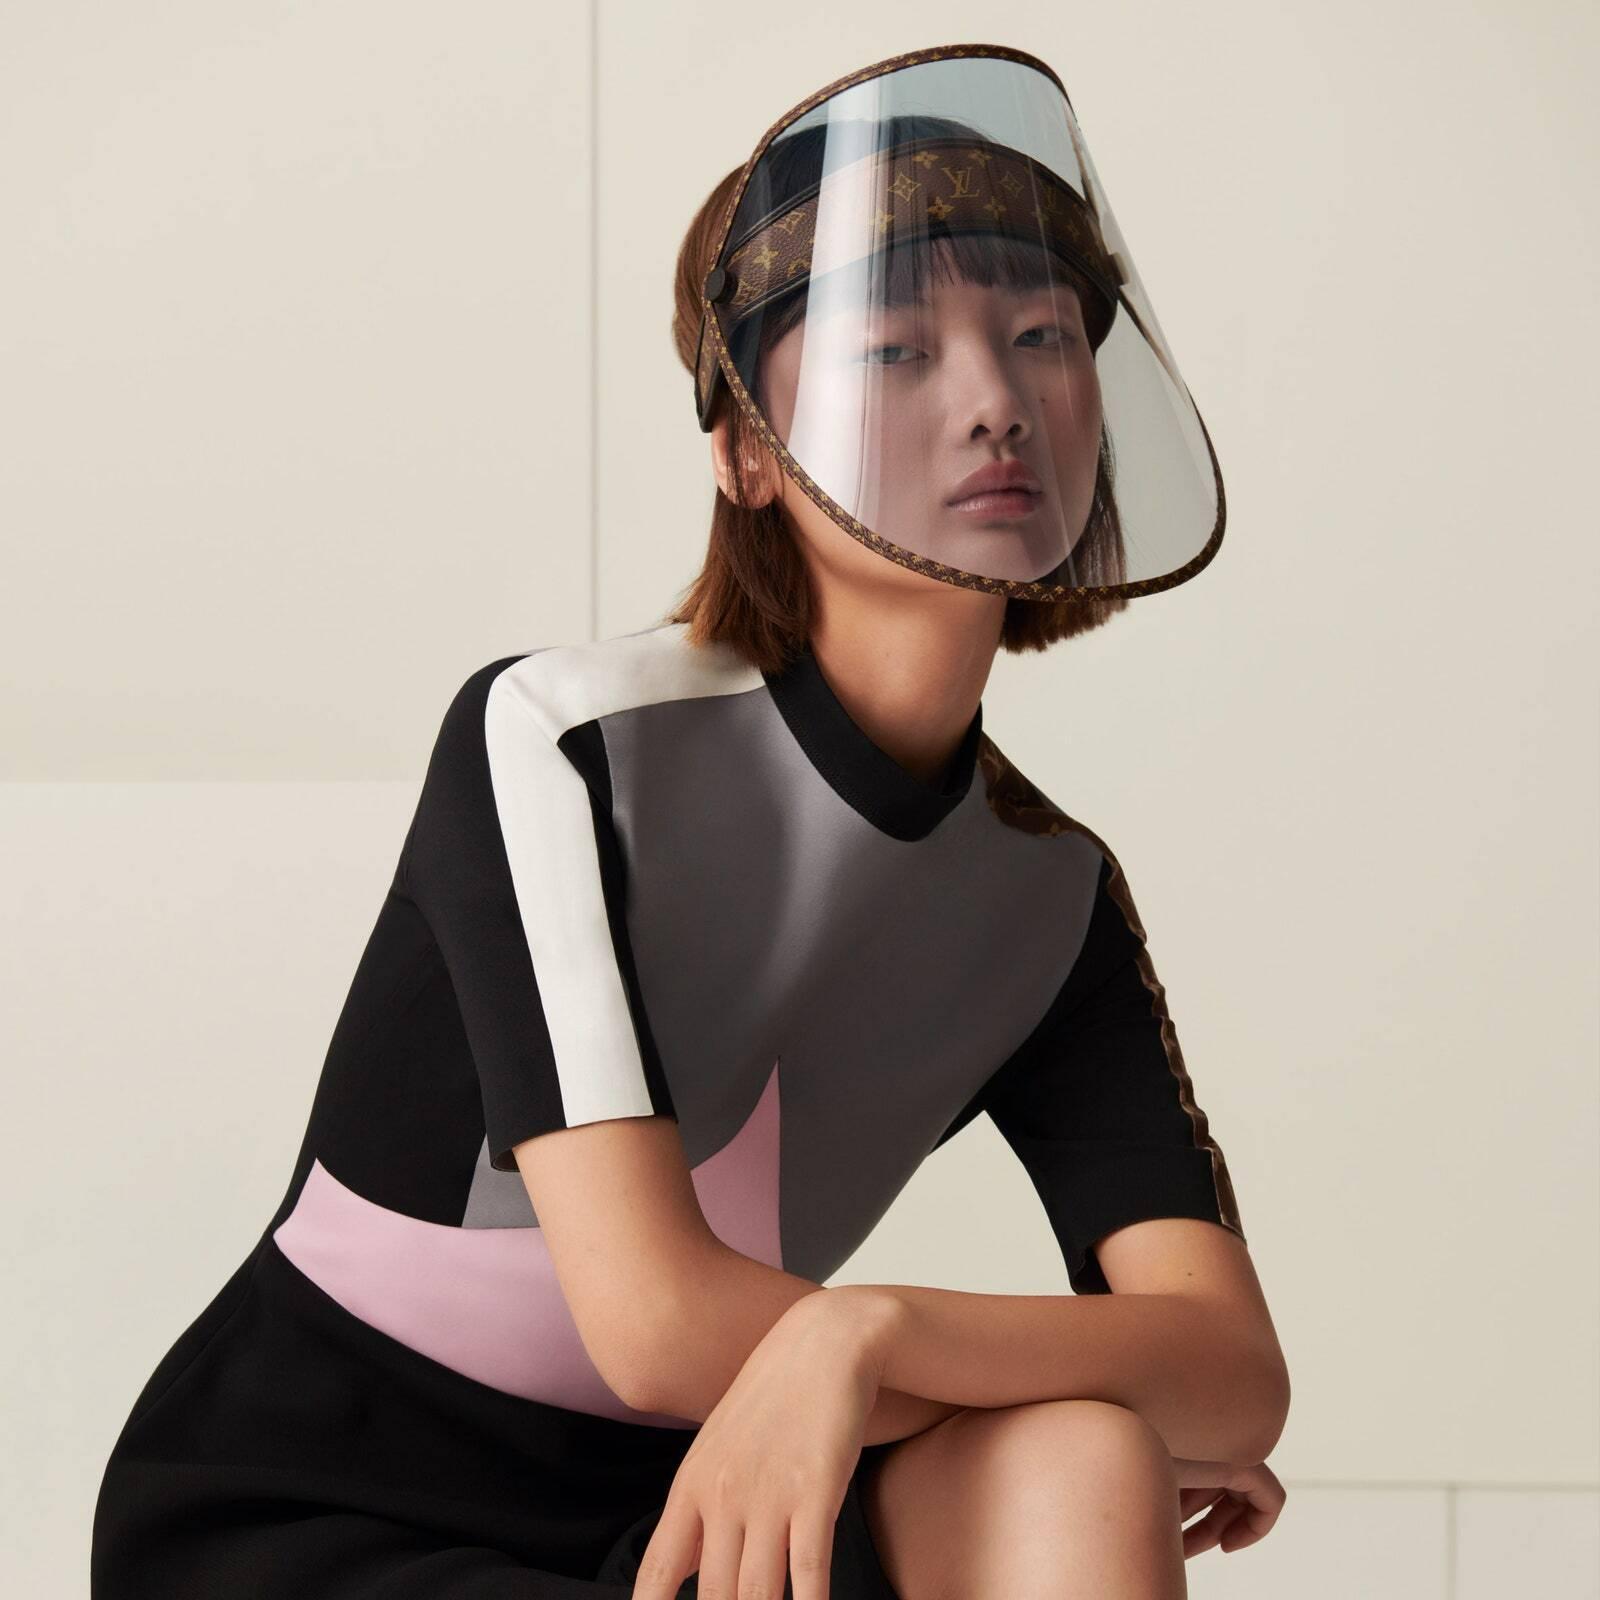 Щит для обличчя Louis Vuitton